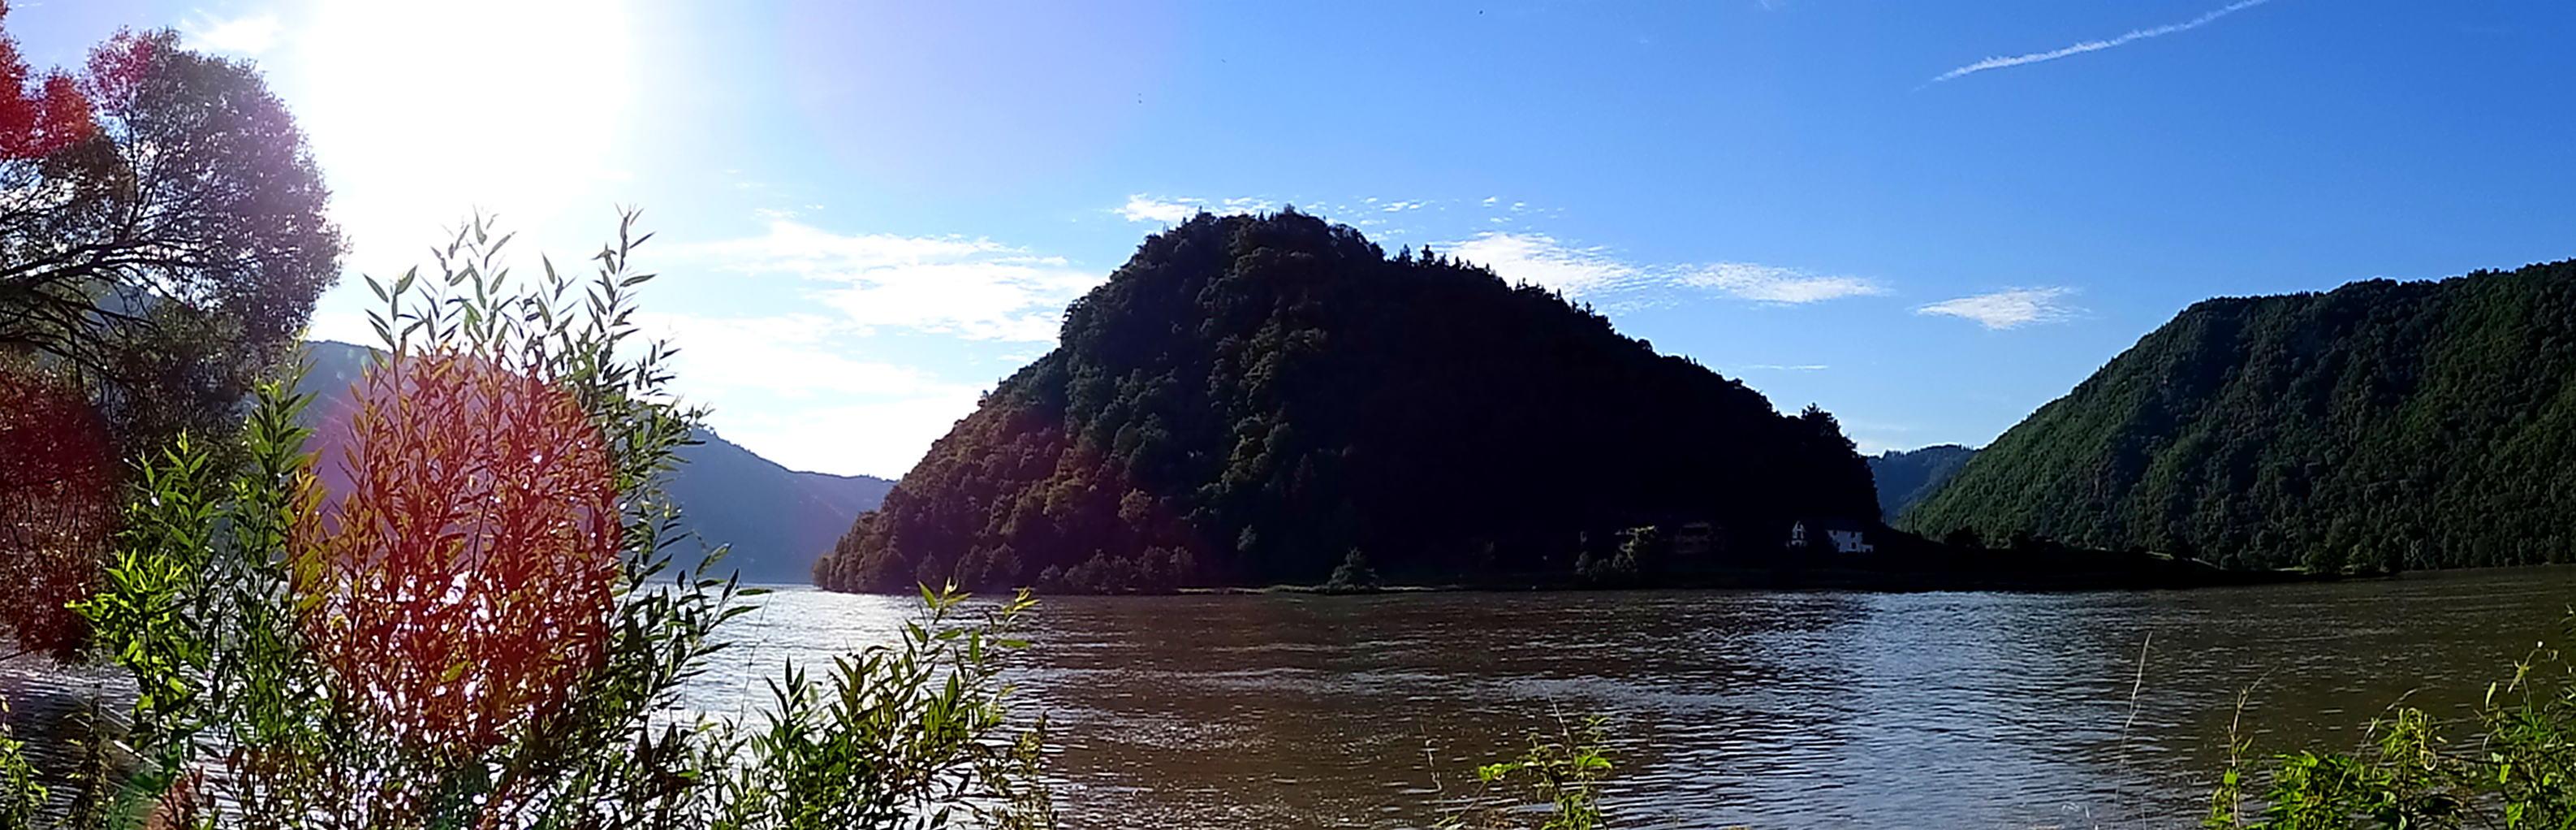 Die ganze Schlinge im Vordergrund die Donau und ein Blick in beide Teile des Donautals